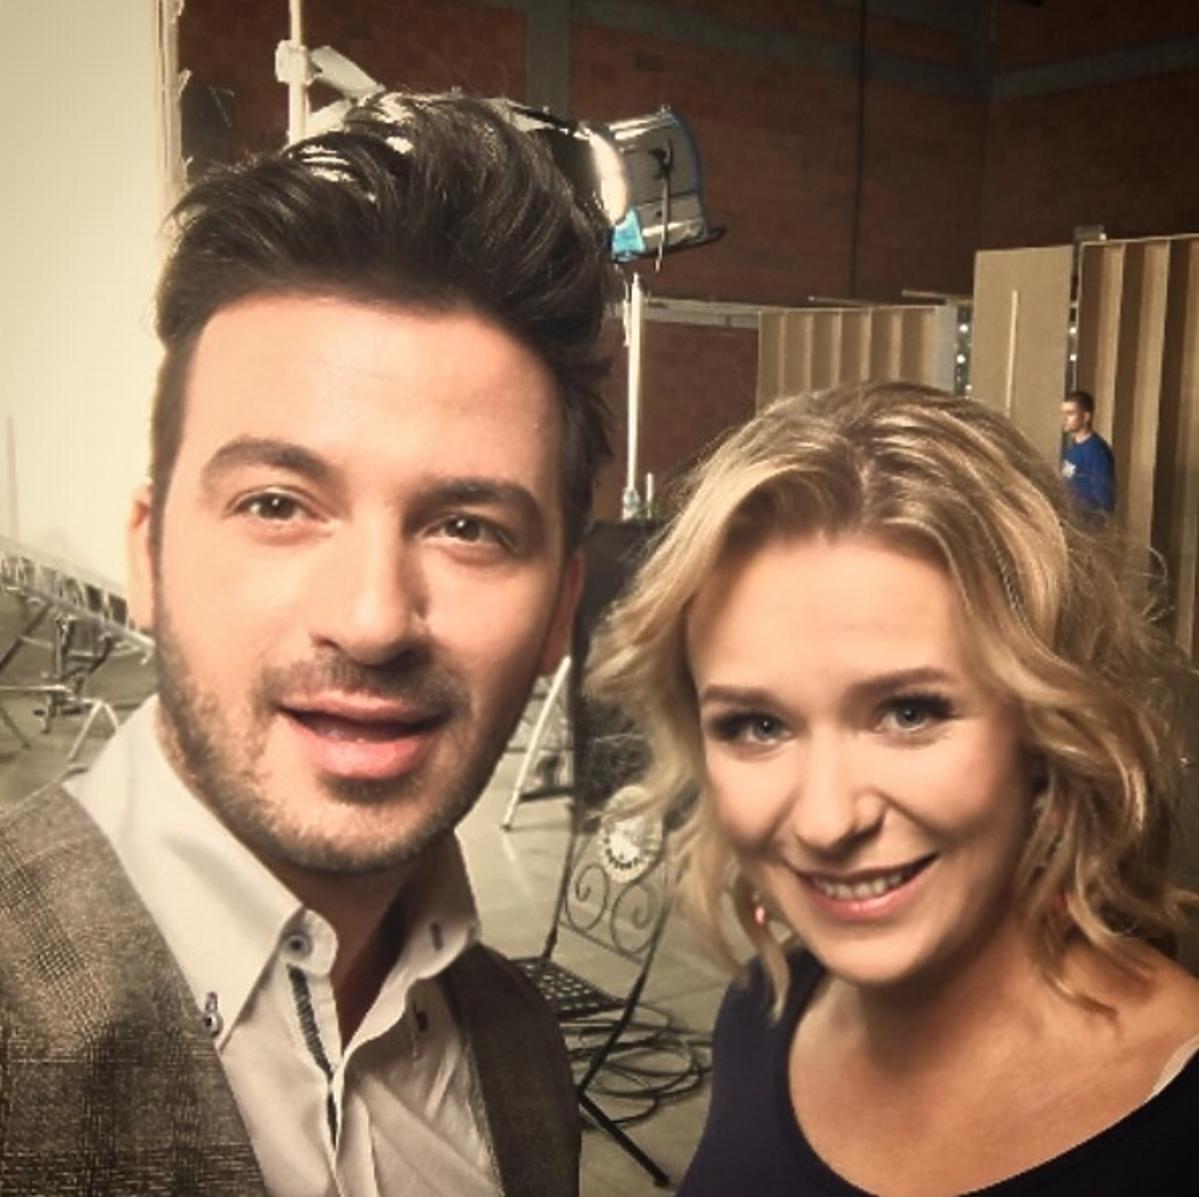 Stefano Terrazzino i Aneta Zając robią sobie selfie